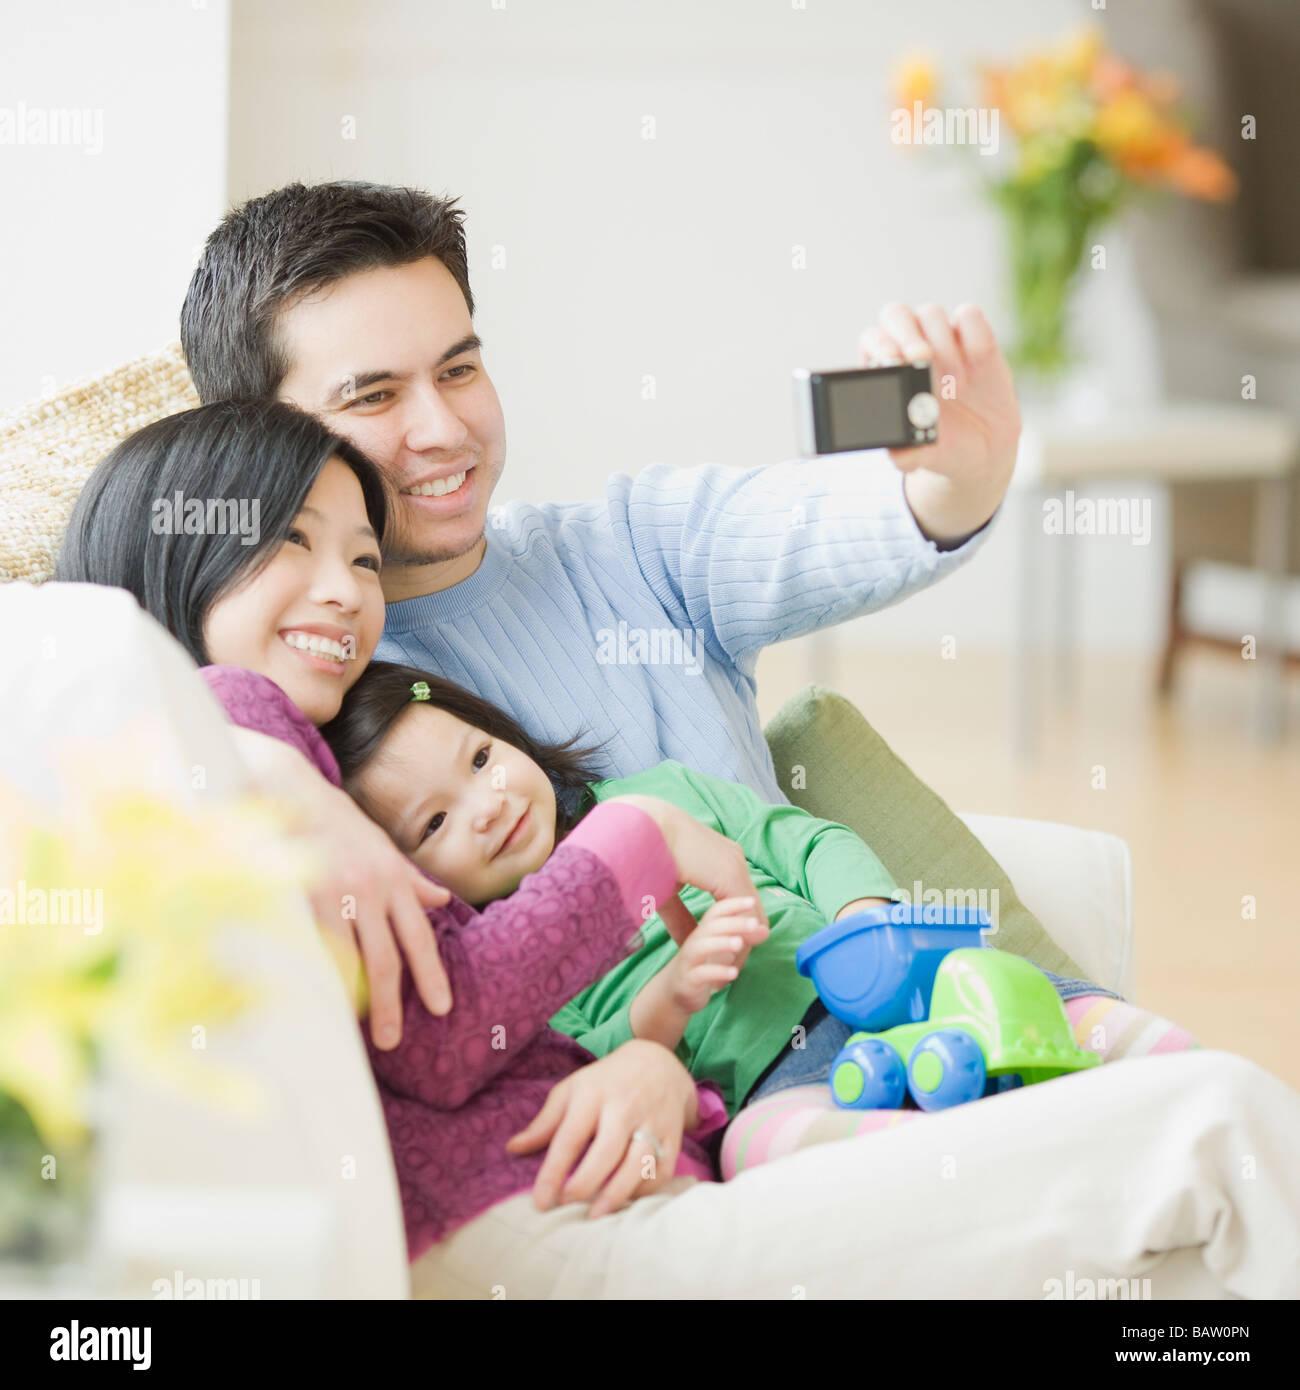 Familie auf der Couch posiert für Fotos Stockfoto